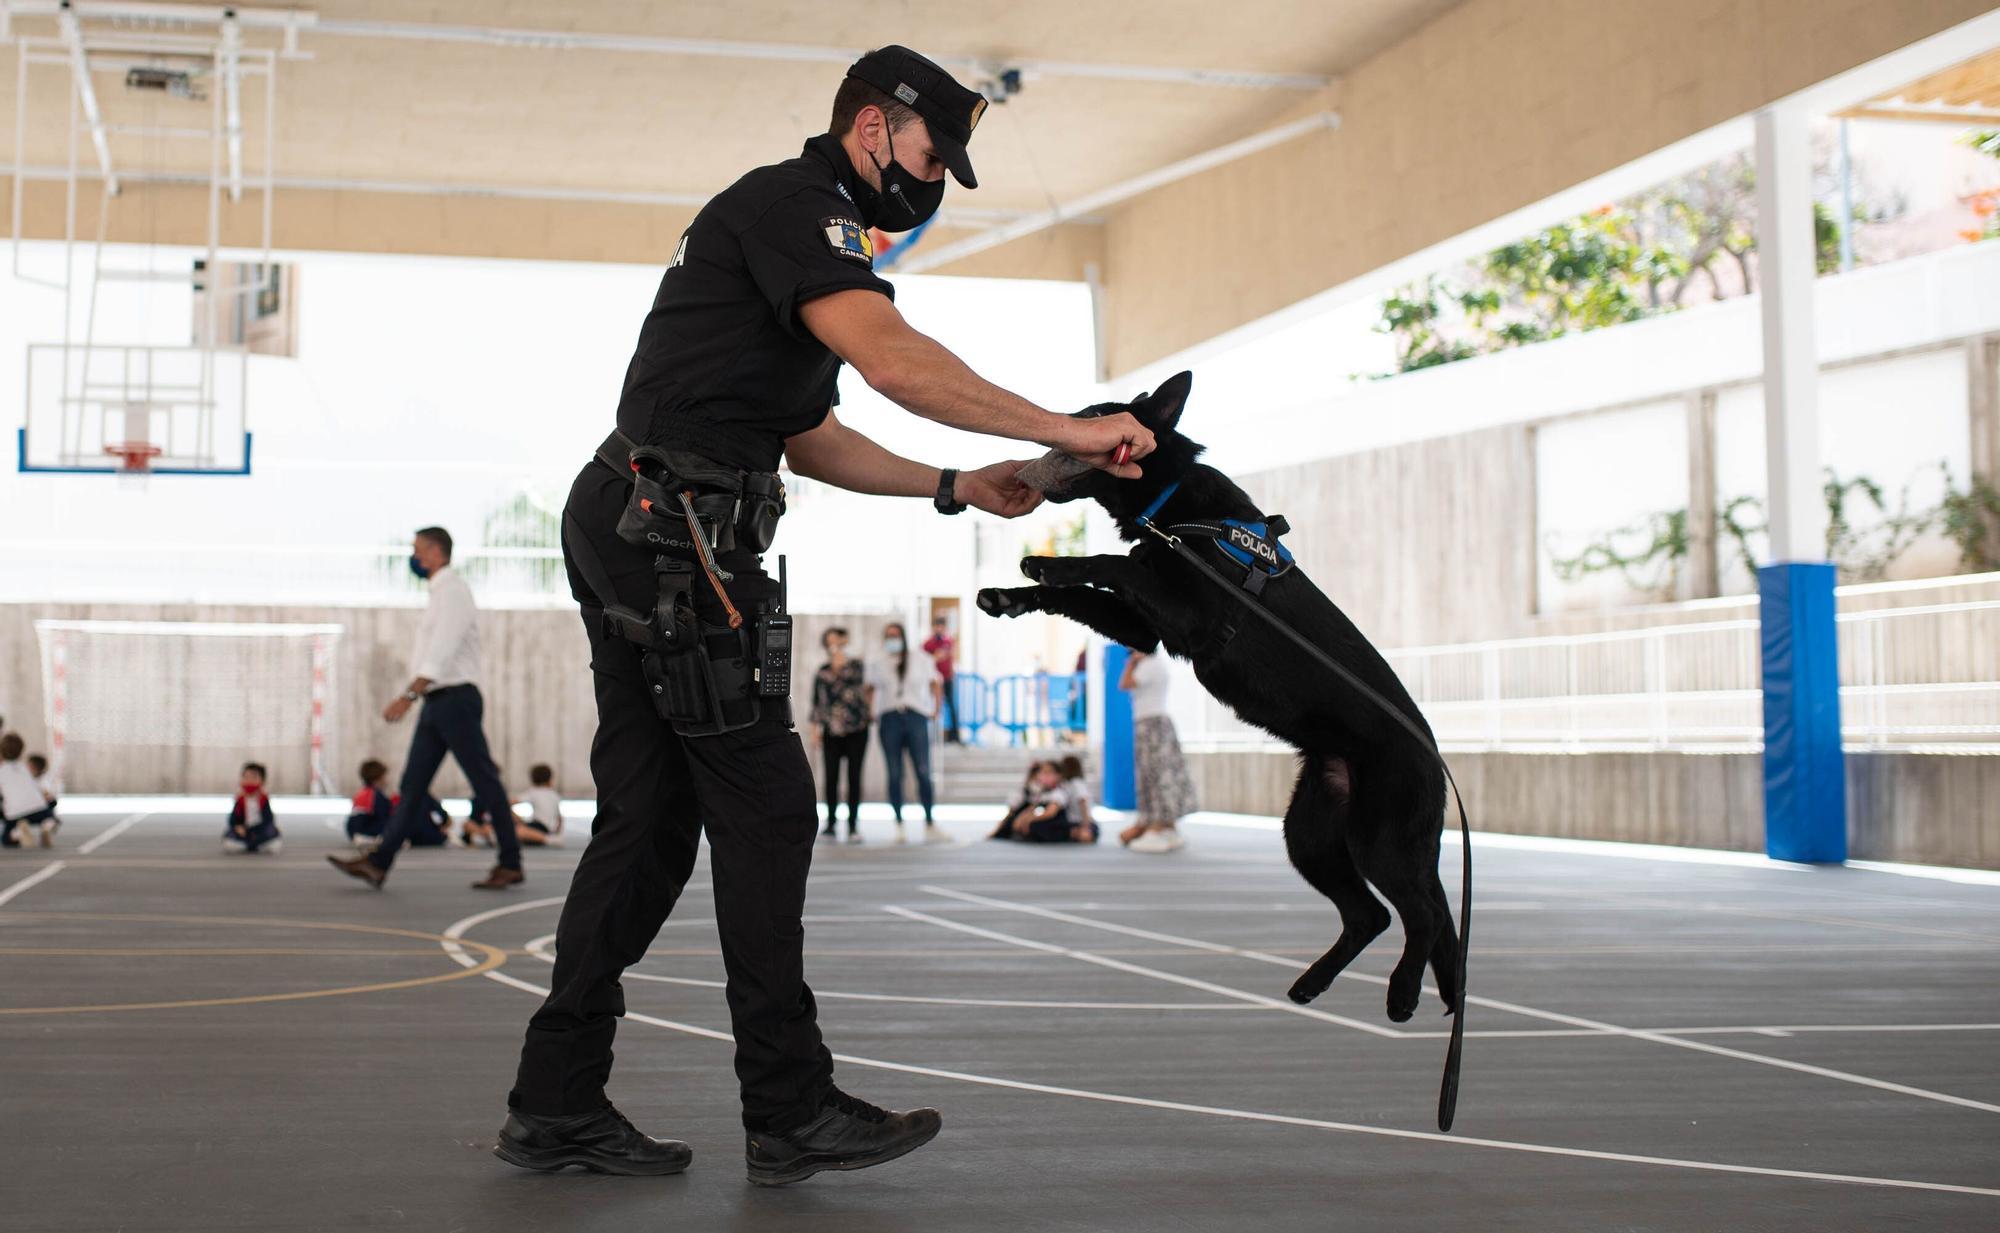 La agente Furia, Unipol